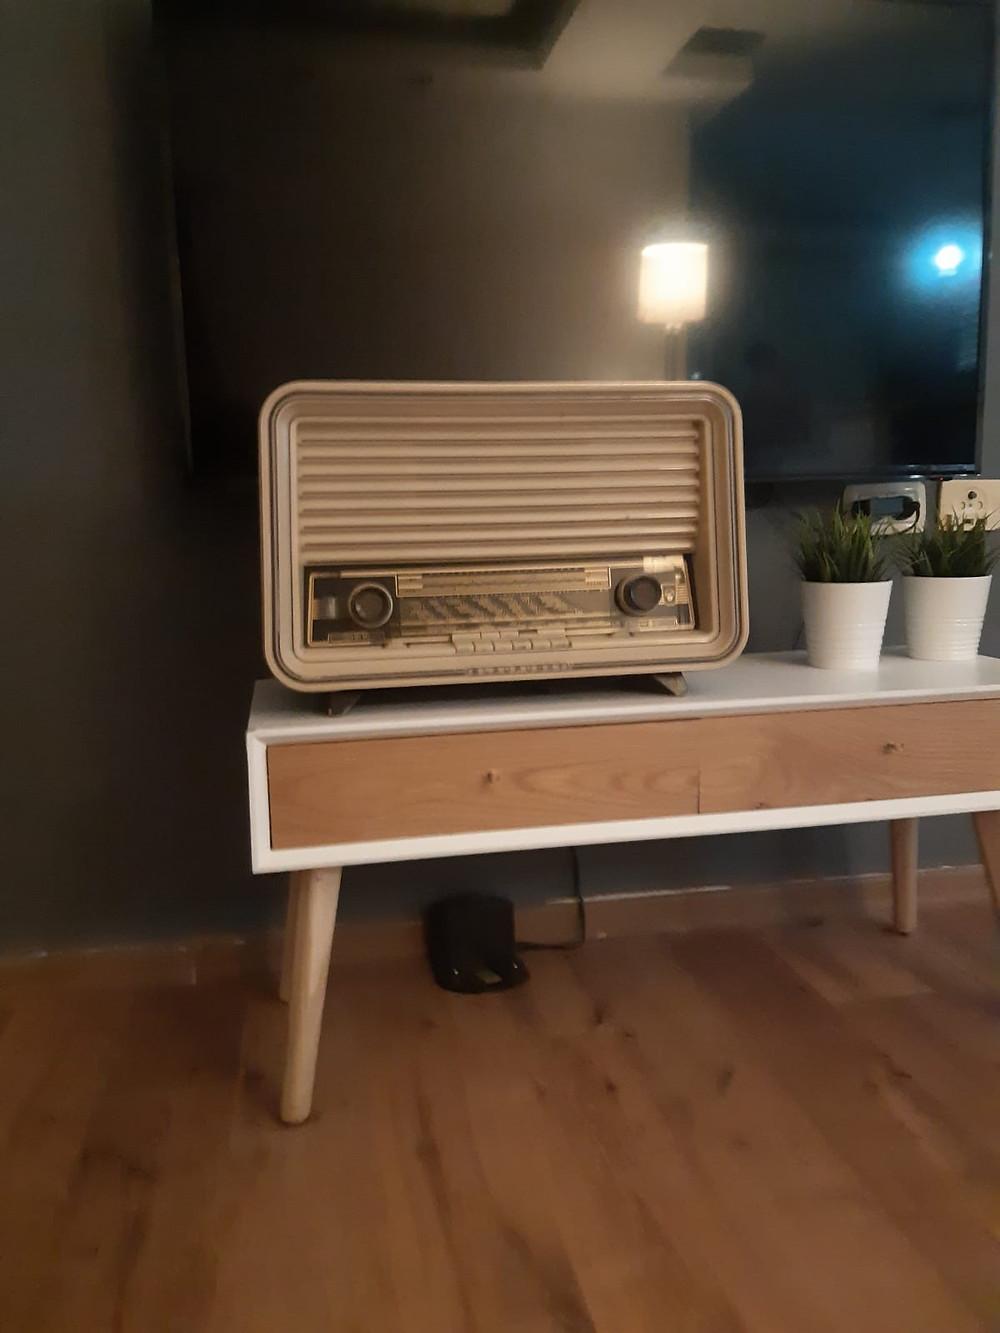 מקלט הרדיו של אלכס ובתיה פשחצקי, בביתו של נכדם אלון קוה ברמת גן, 2019